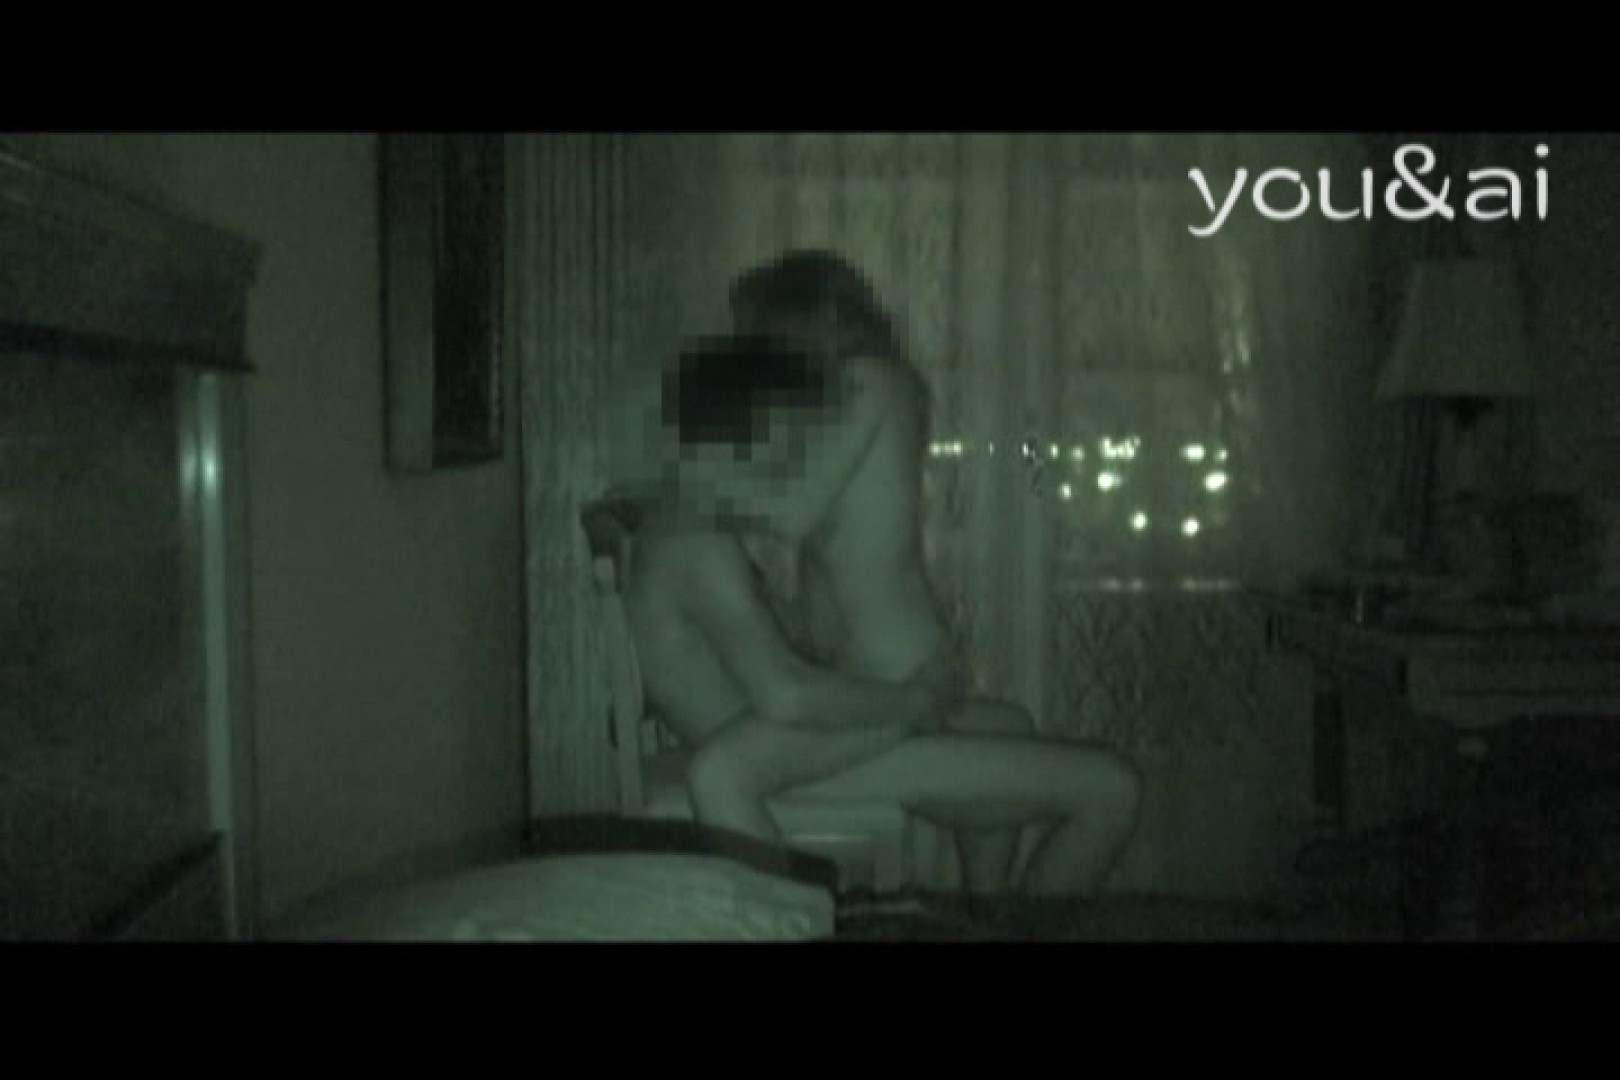 おしどり夫婦のyou&aiさん投稿作品vol.10 ホテル | 投稿作品  107連発 22